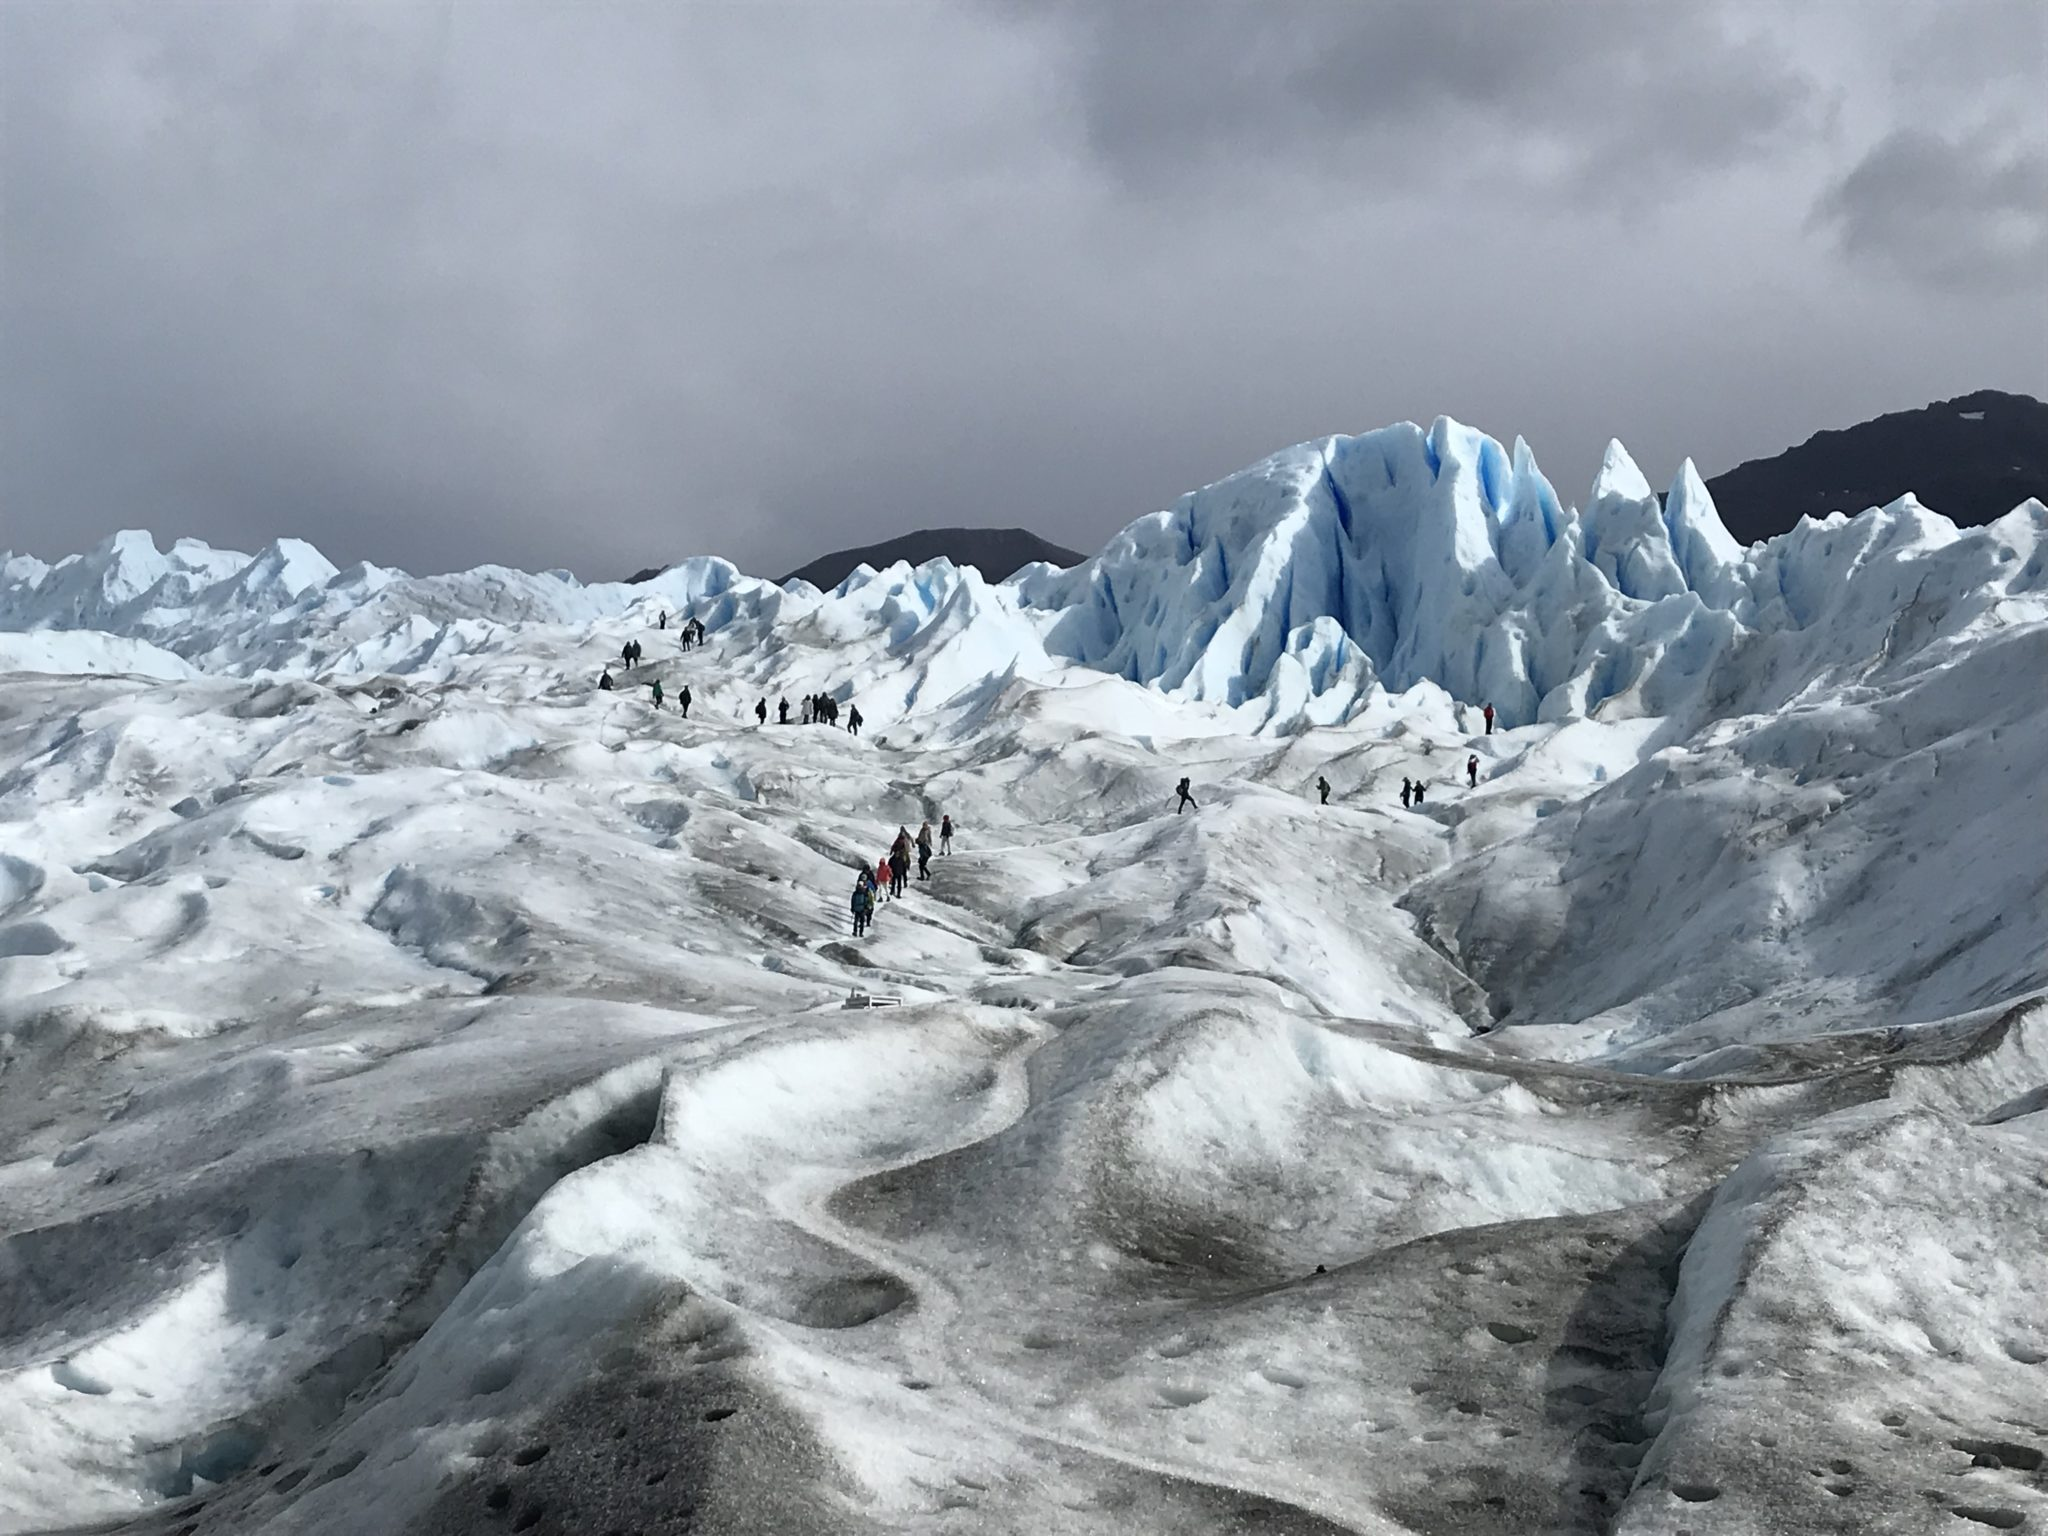 Minitrekking the Perito Moreno Glacier